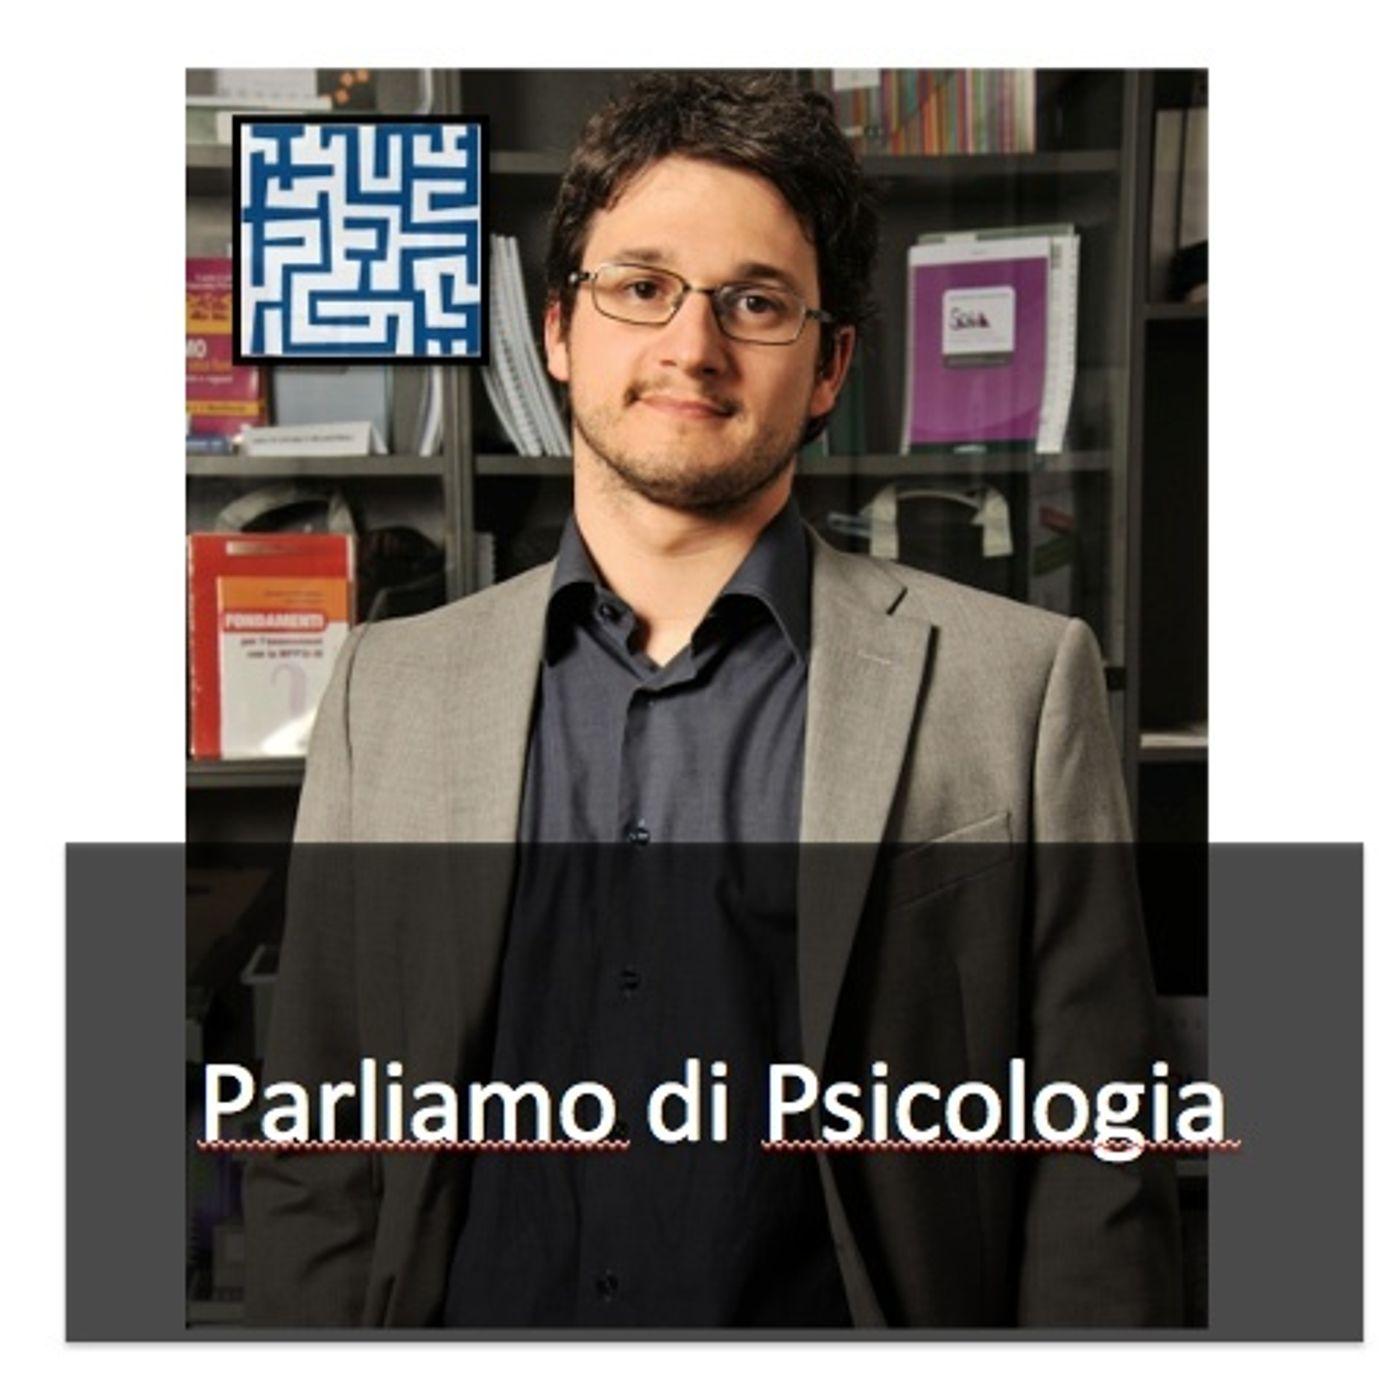 Parliamo di Psicologia con Luca Mazzucchelli